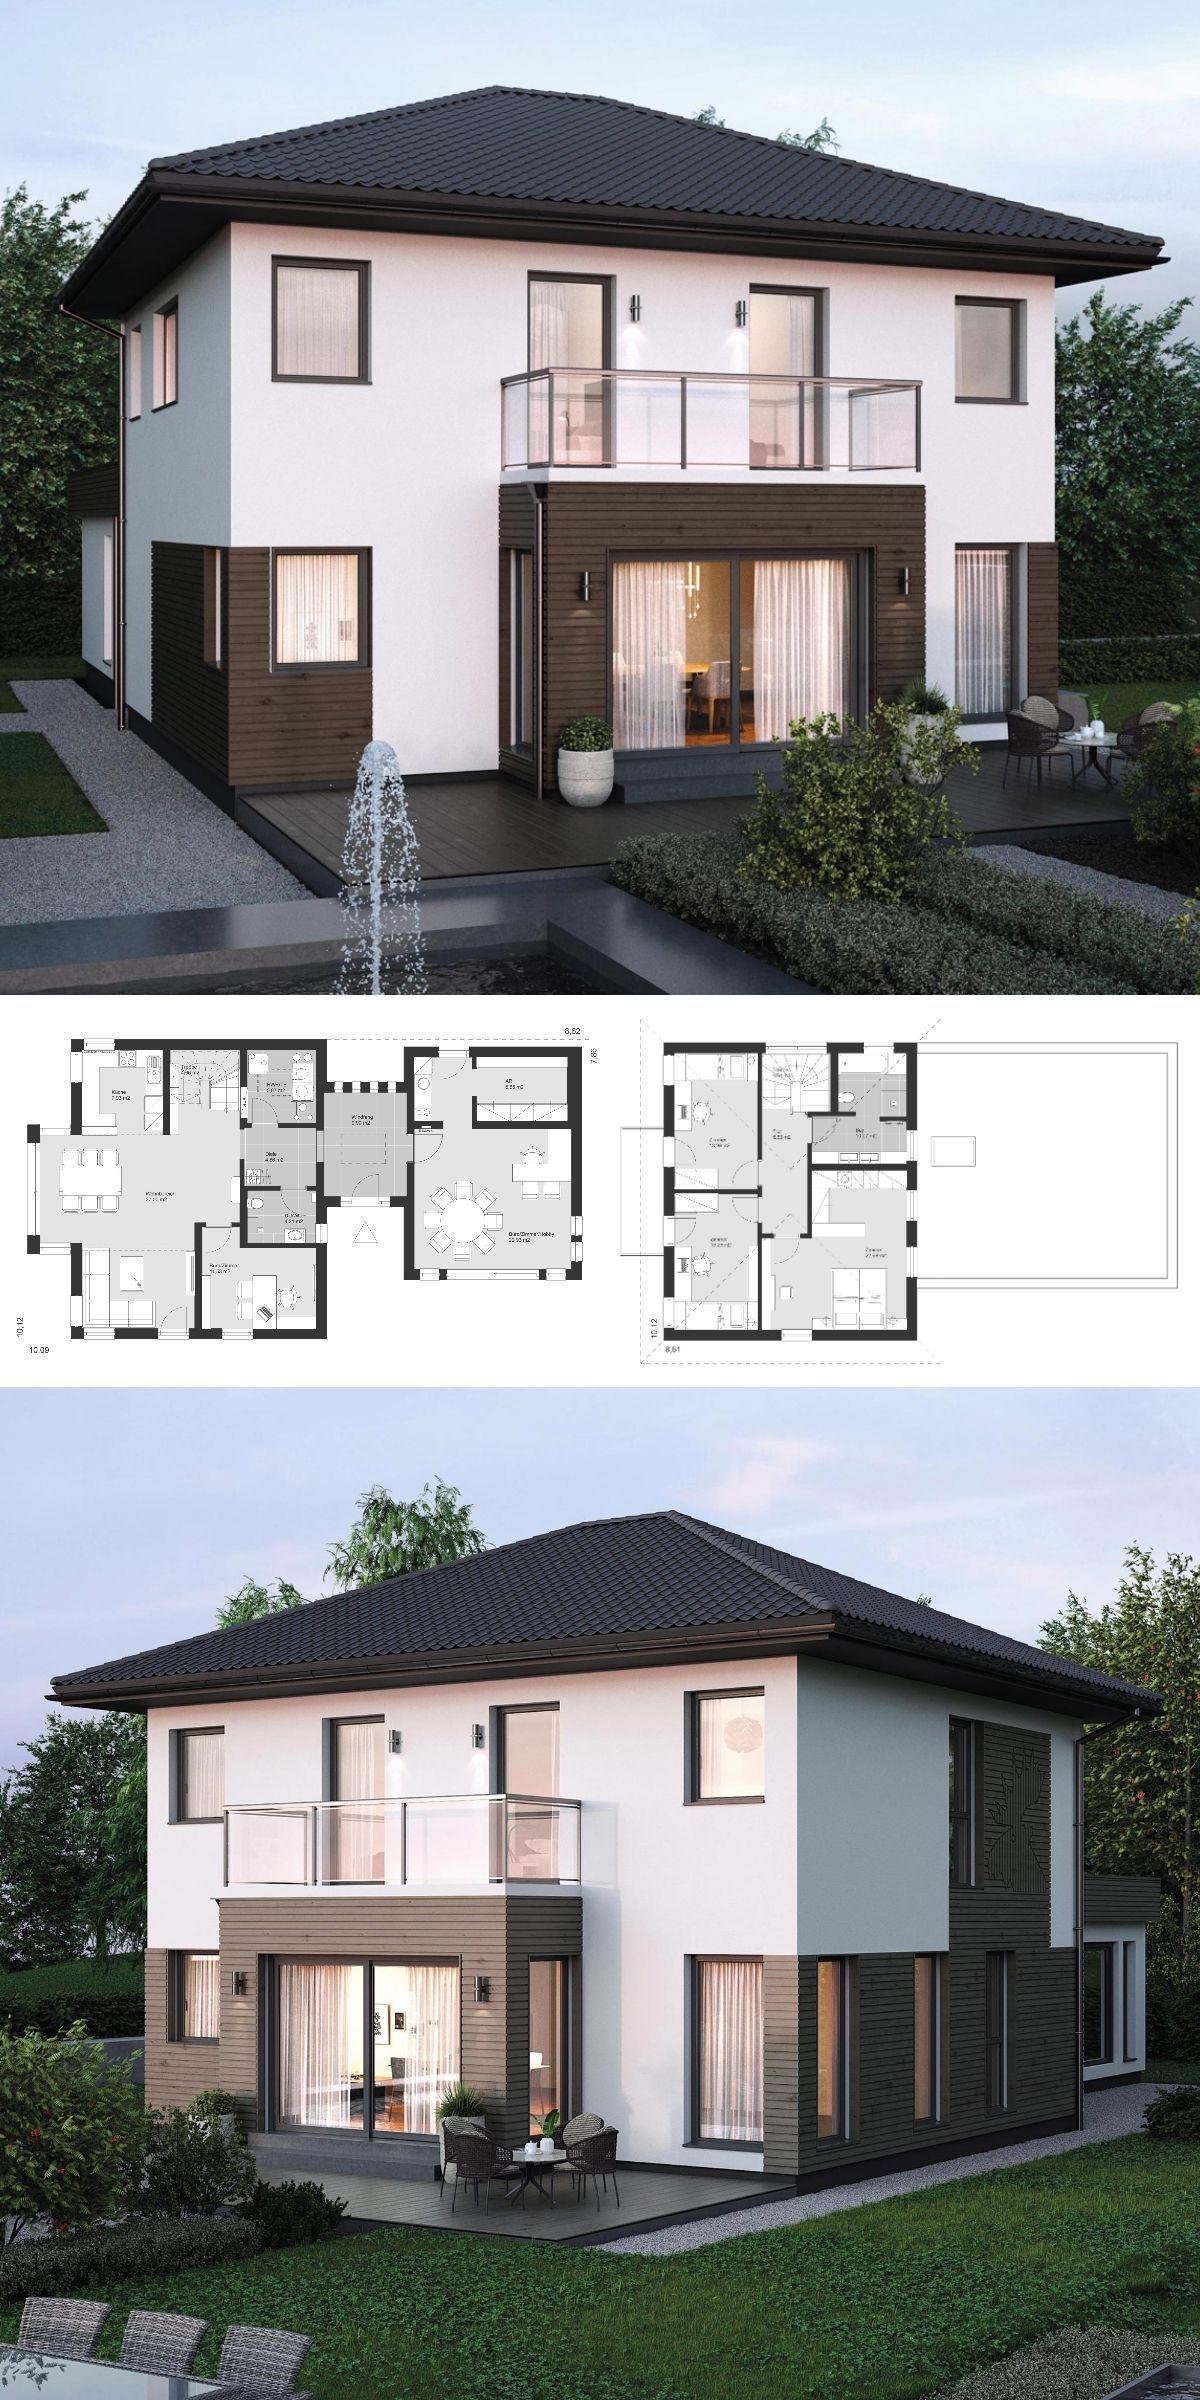 Großartig Holz Anbau Haus Foto Von Stadtvilla Modern Grundriss Mit Walmdach Architektur, Büro